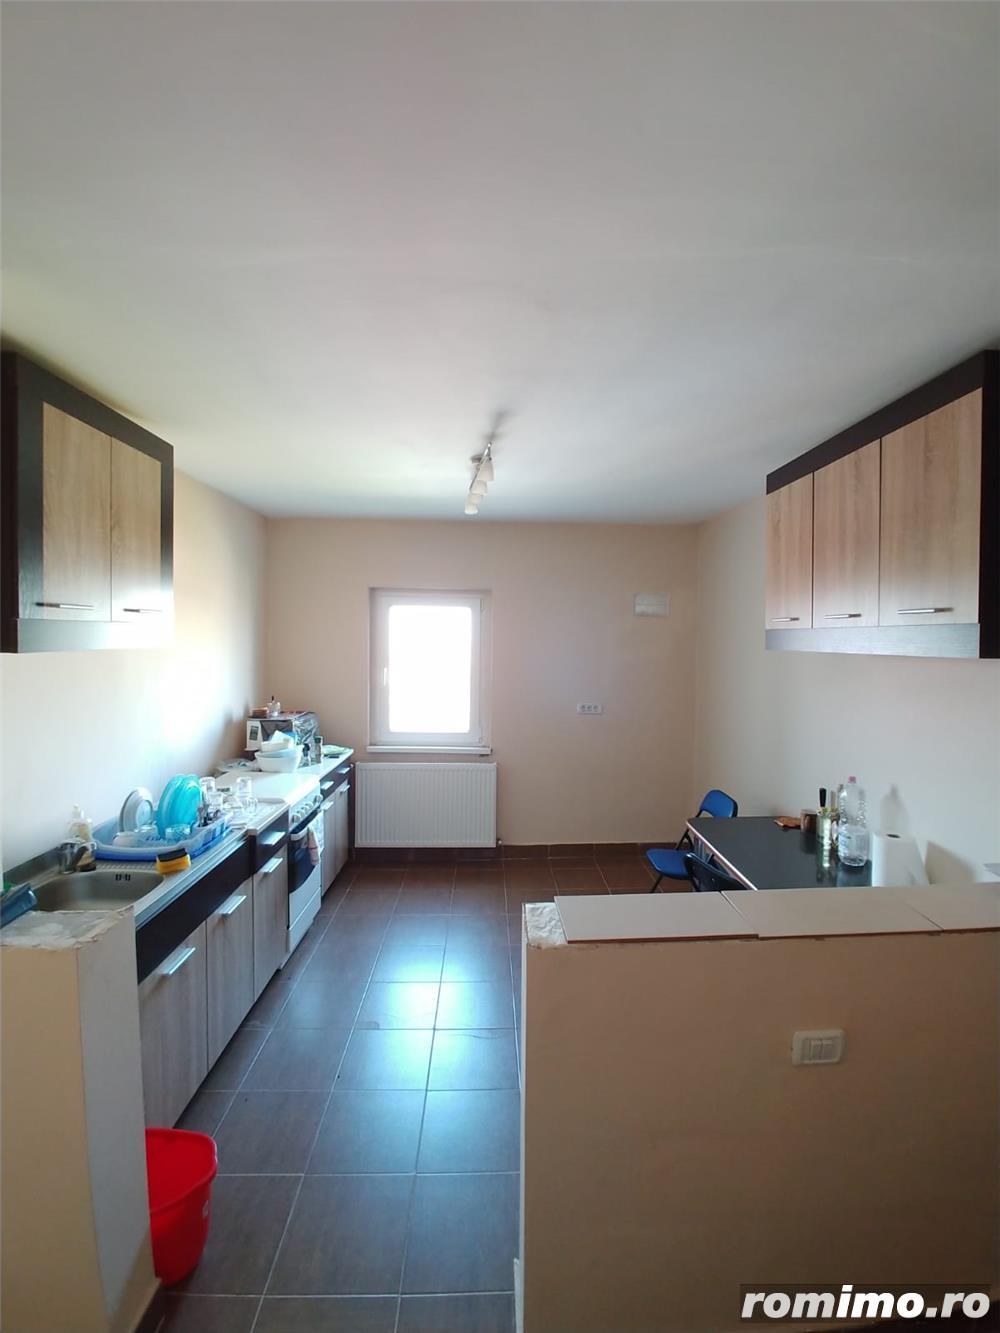 3. Bucovina, 2 camere, cu potential